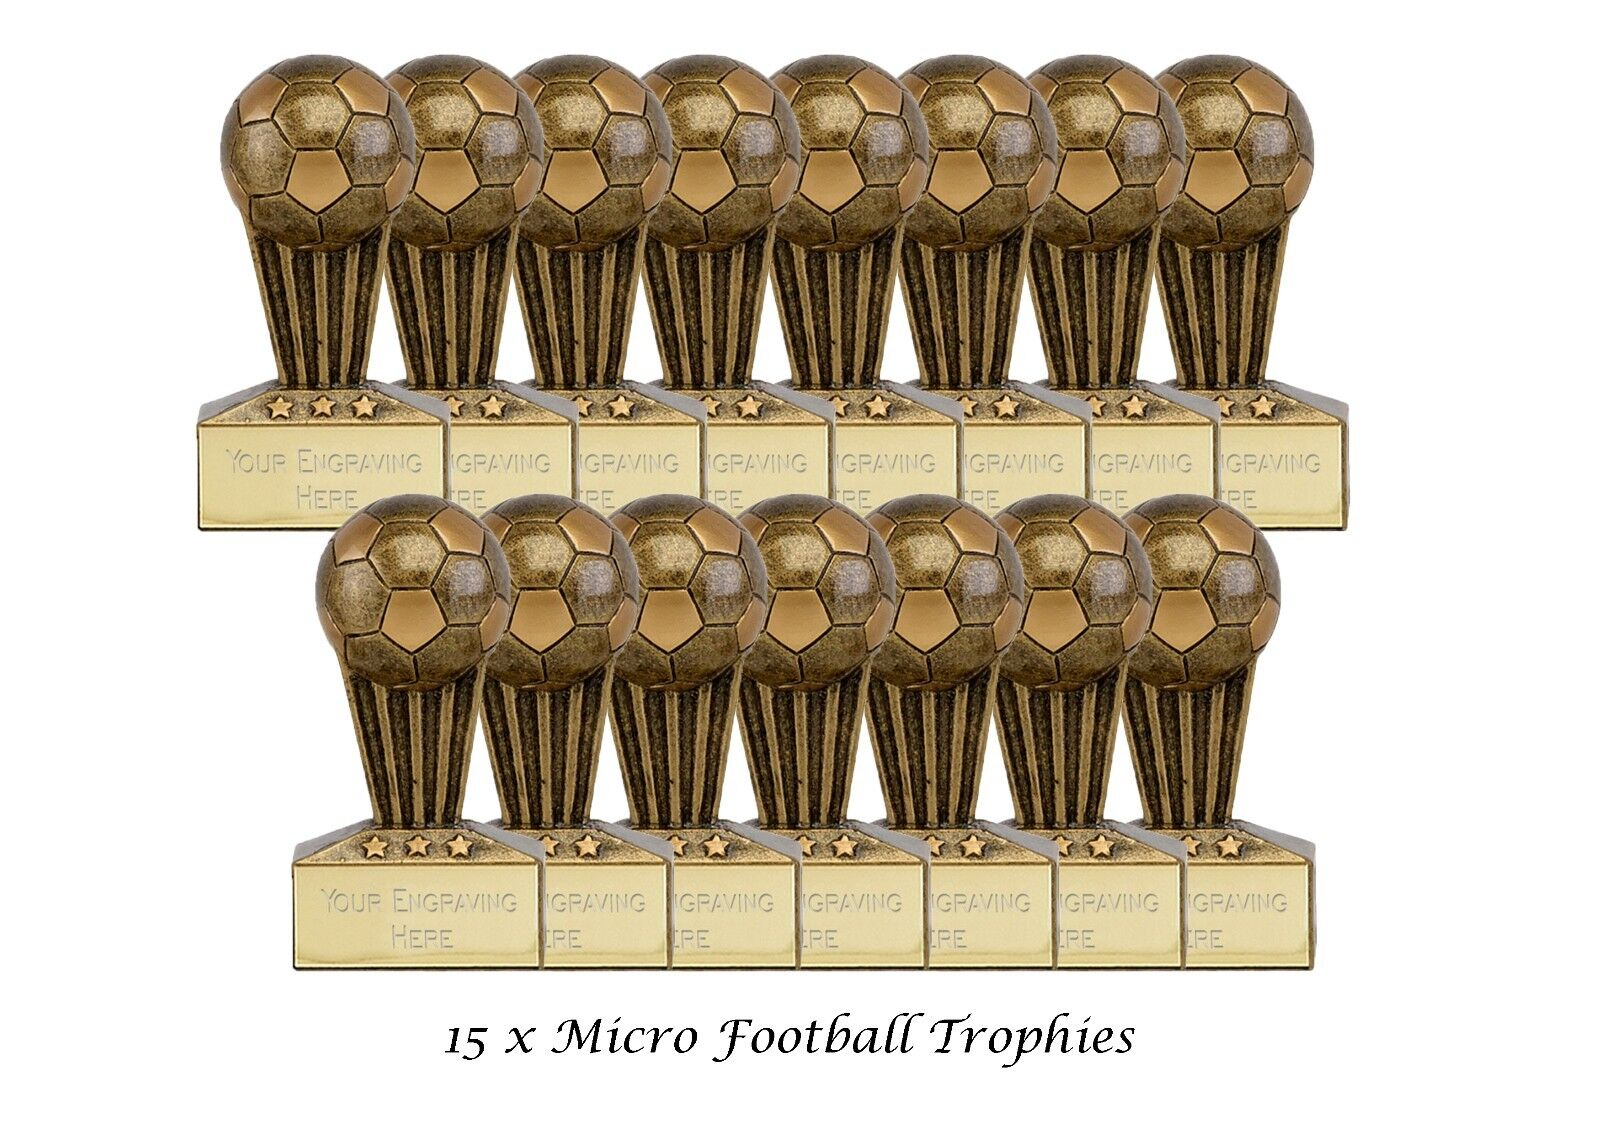 15 paquetes x Fútbol -  3D oro antiguo trofeo resina 7.5 cm Grabado Gratis  nuevo listado